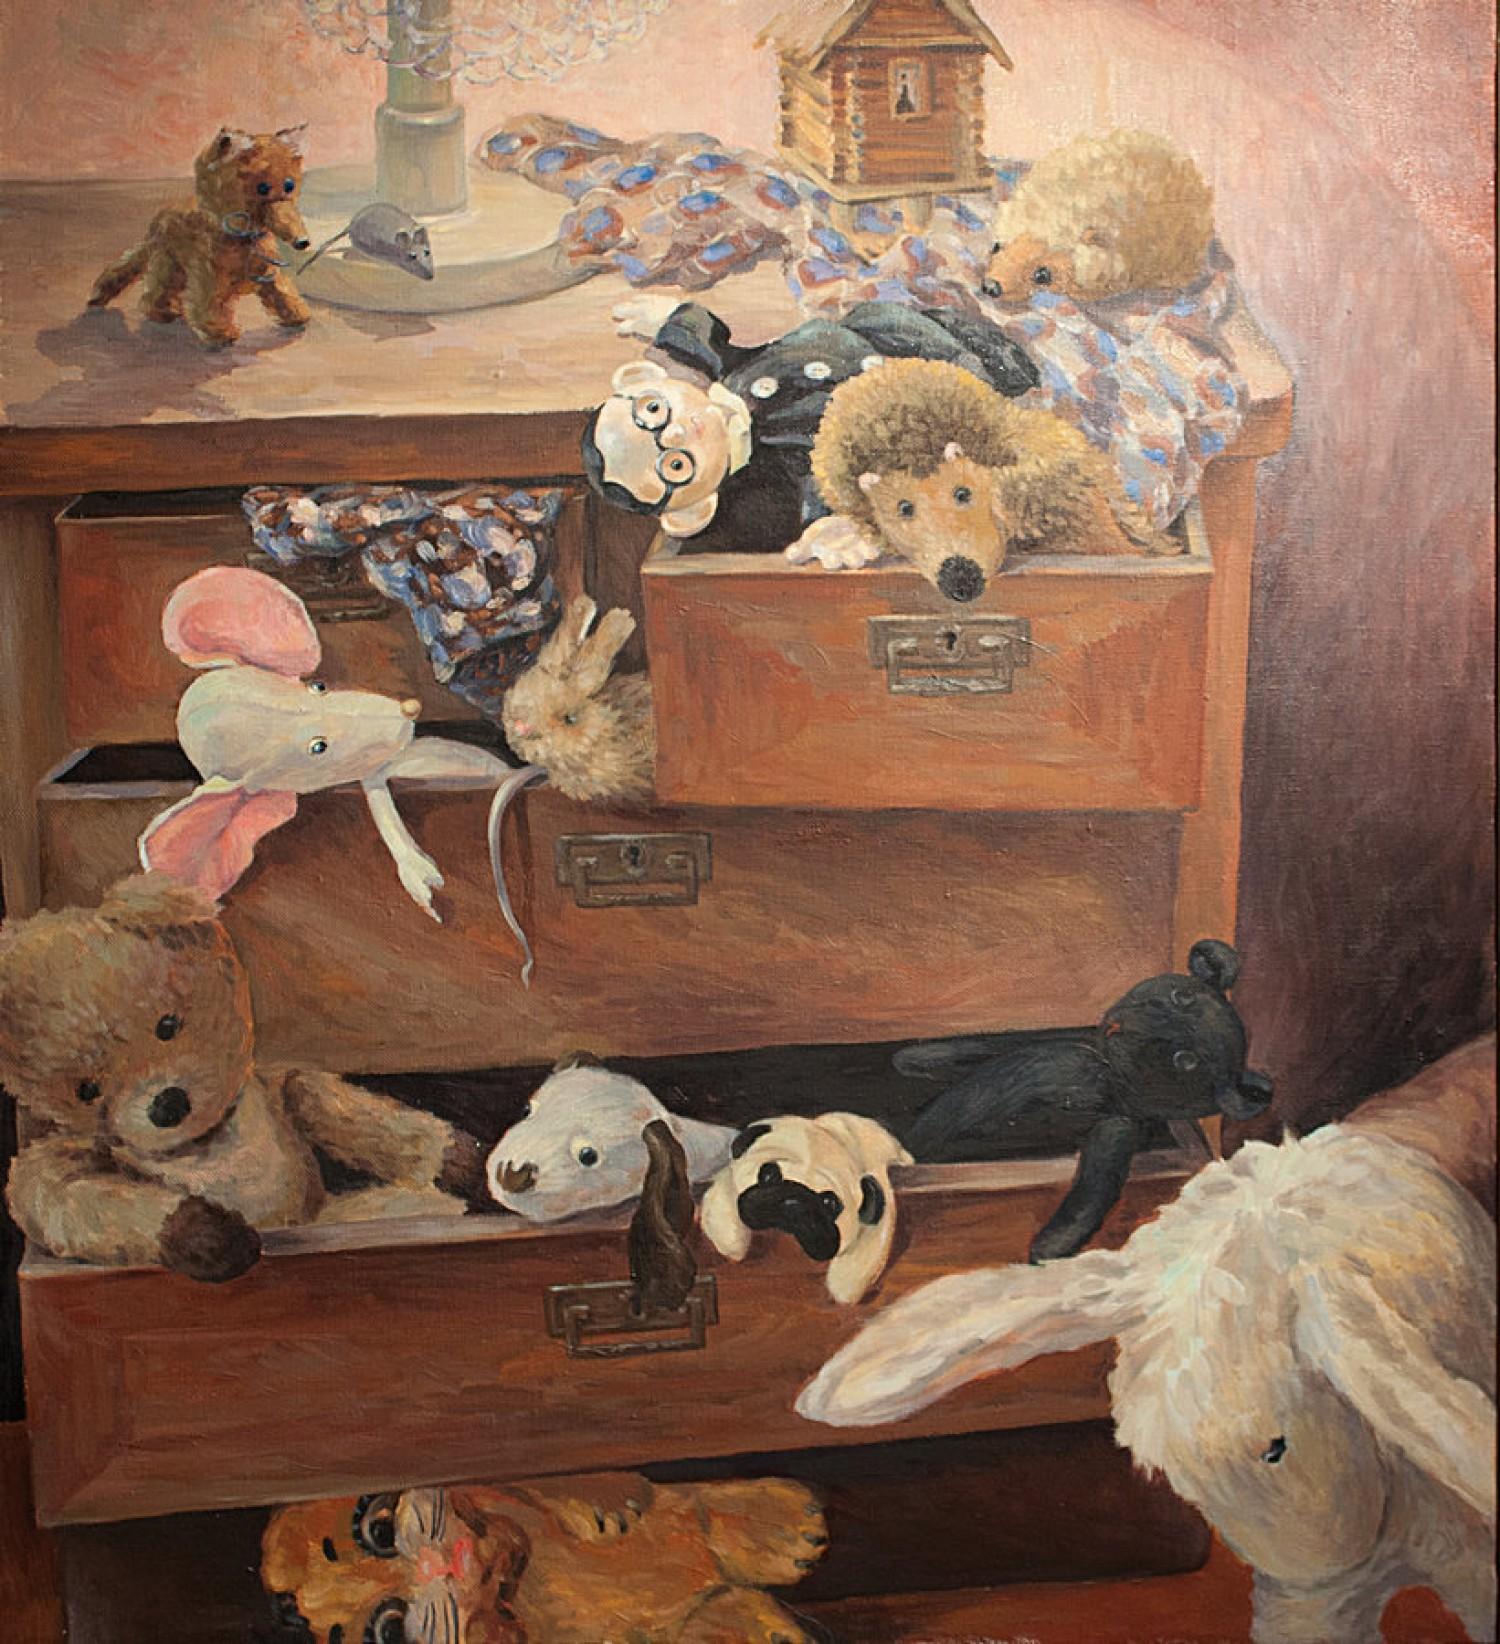 Н.Д.Болотцева. Комод с игрушками. Холст, масло. 110х100 см. 2004 г.